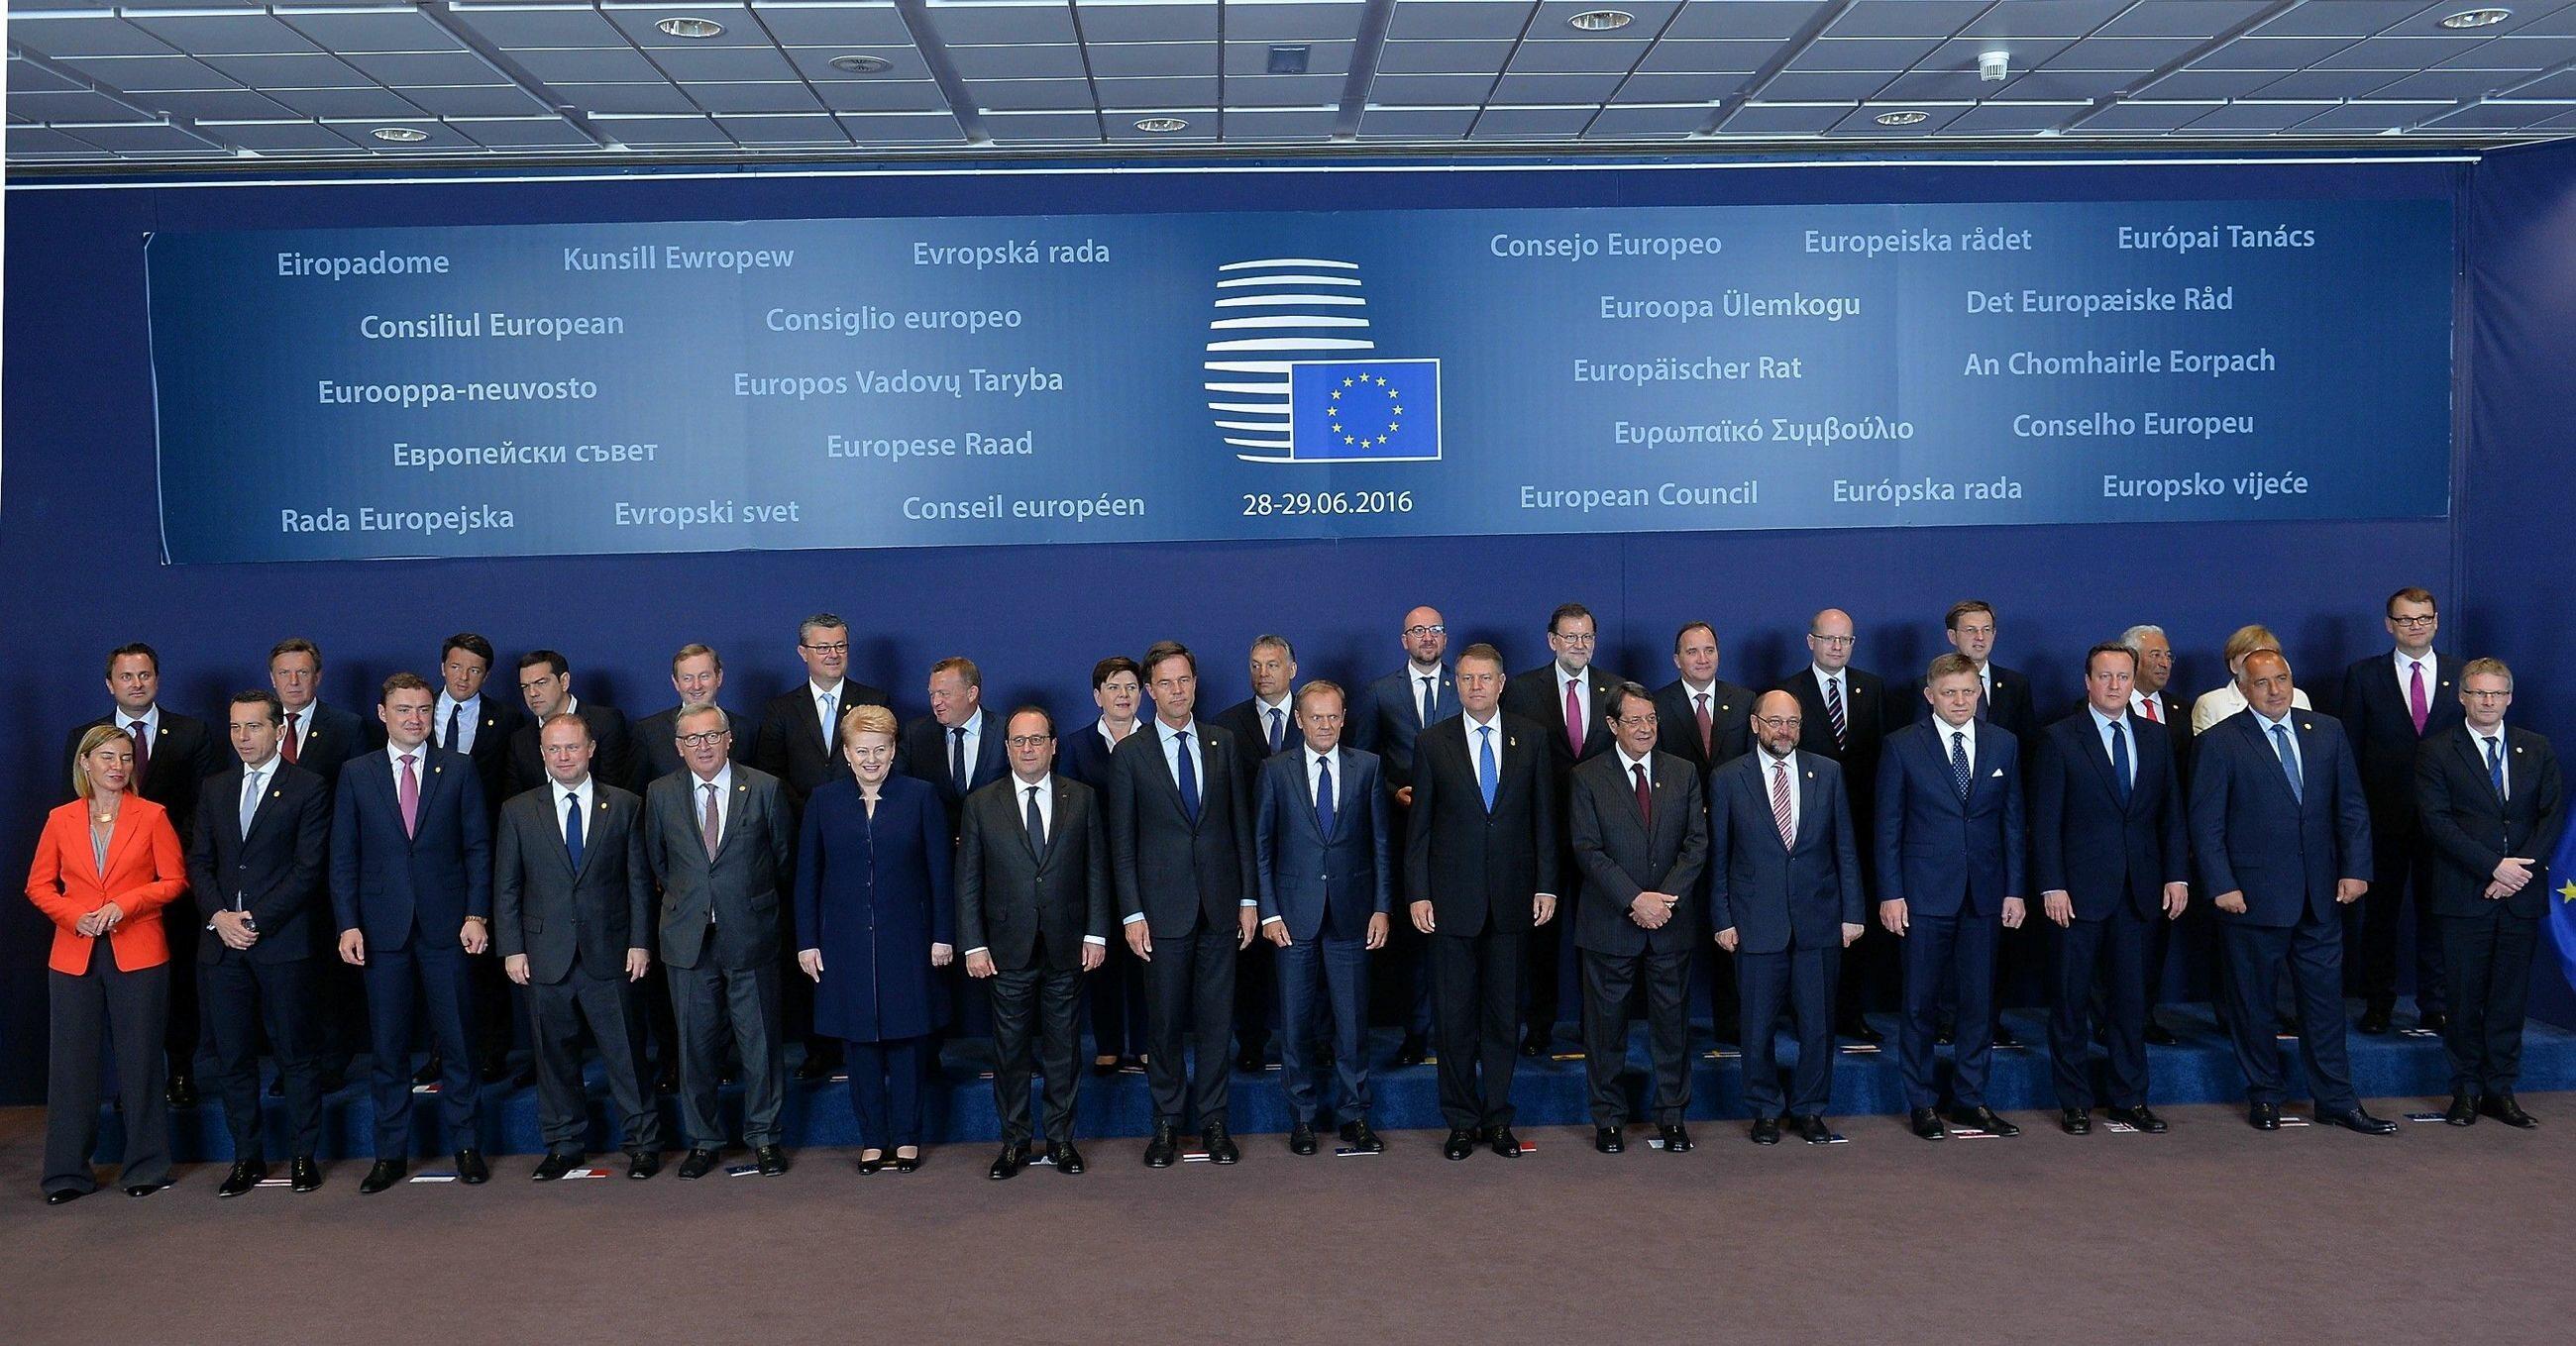 Liderzy unijni po czerwcowym szczycie w Brukseli